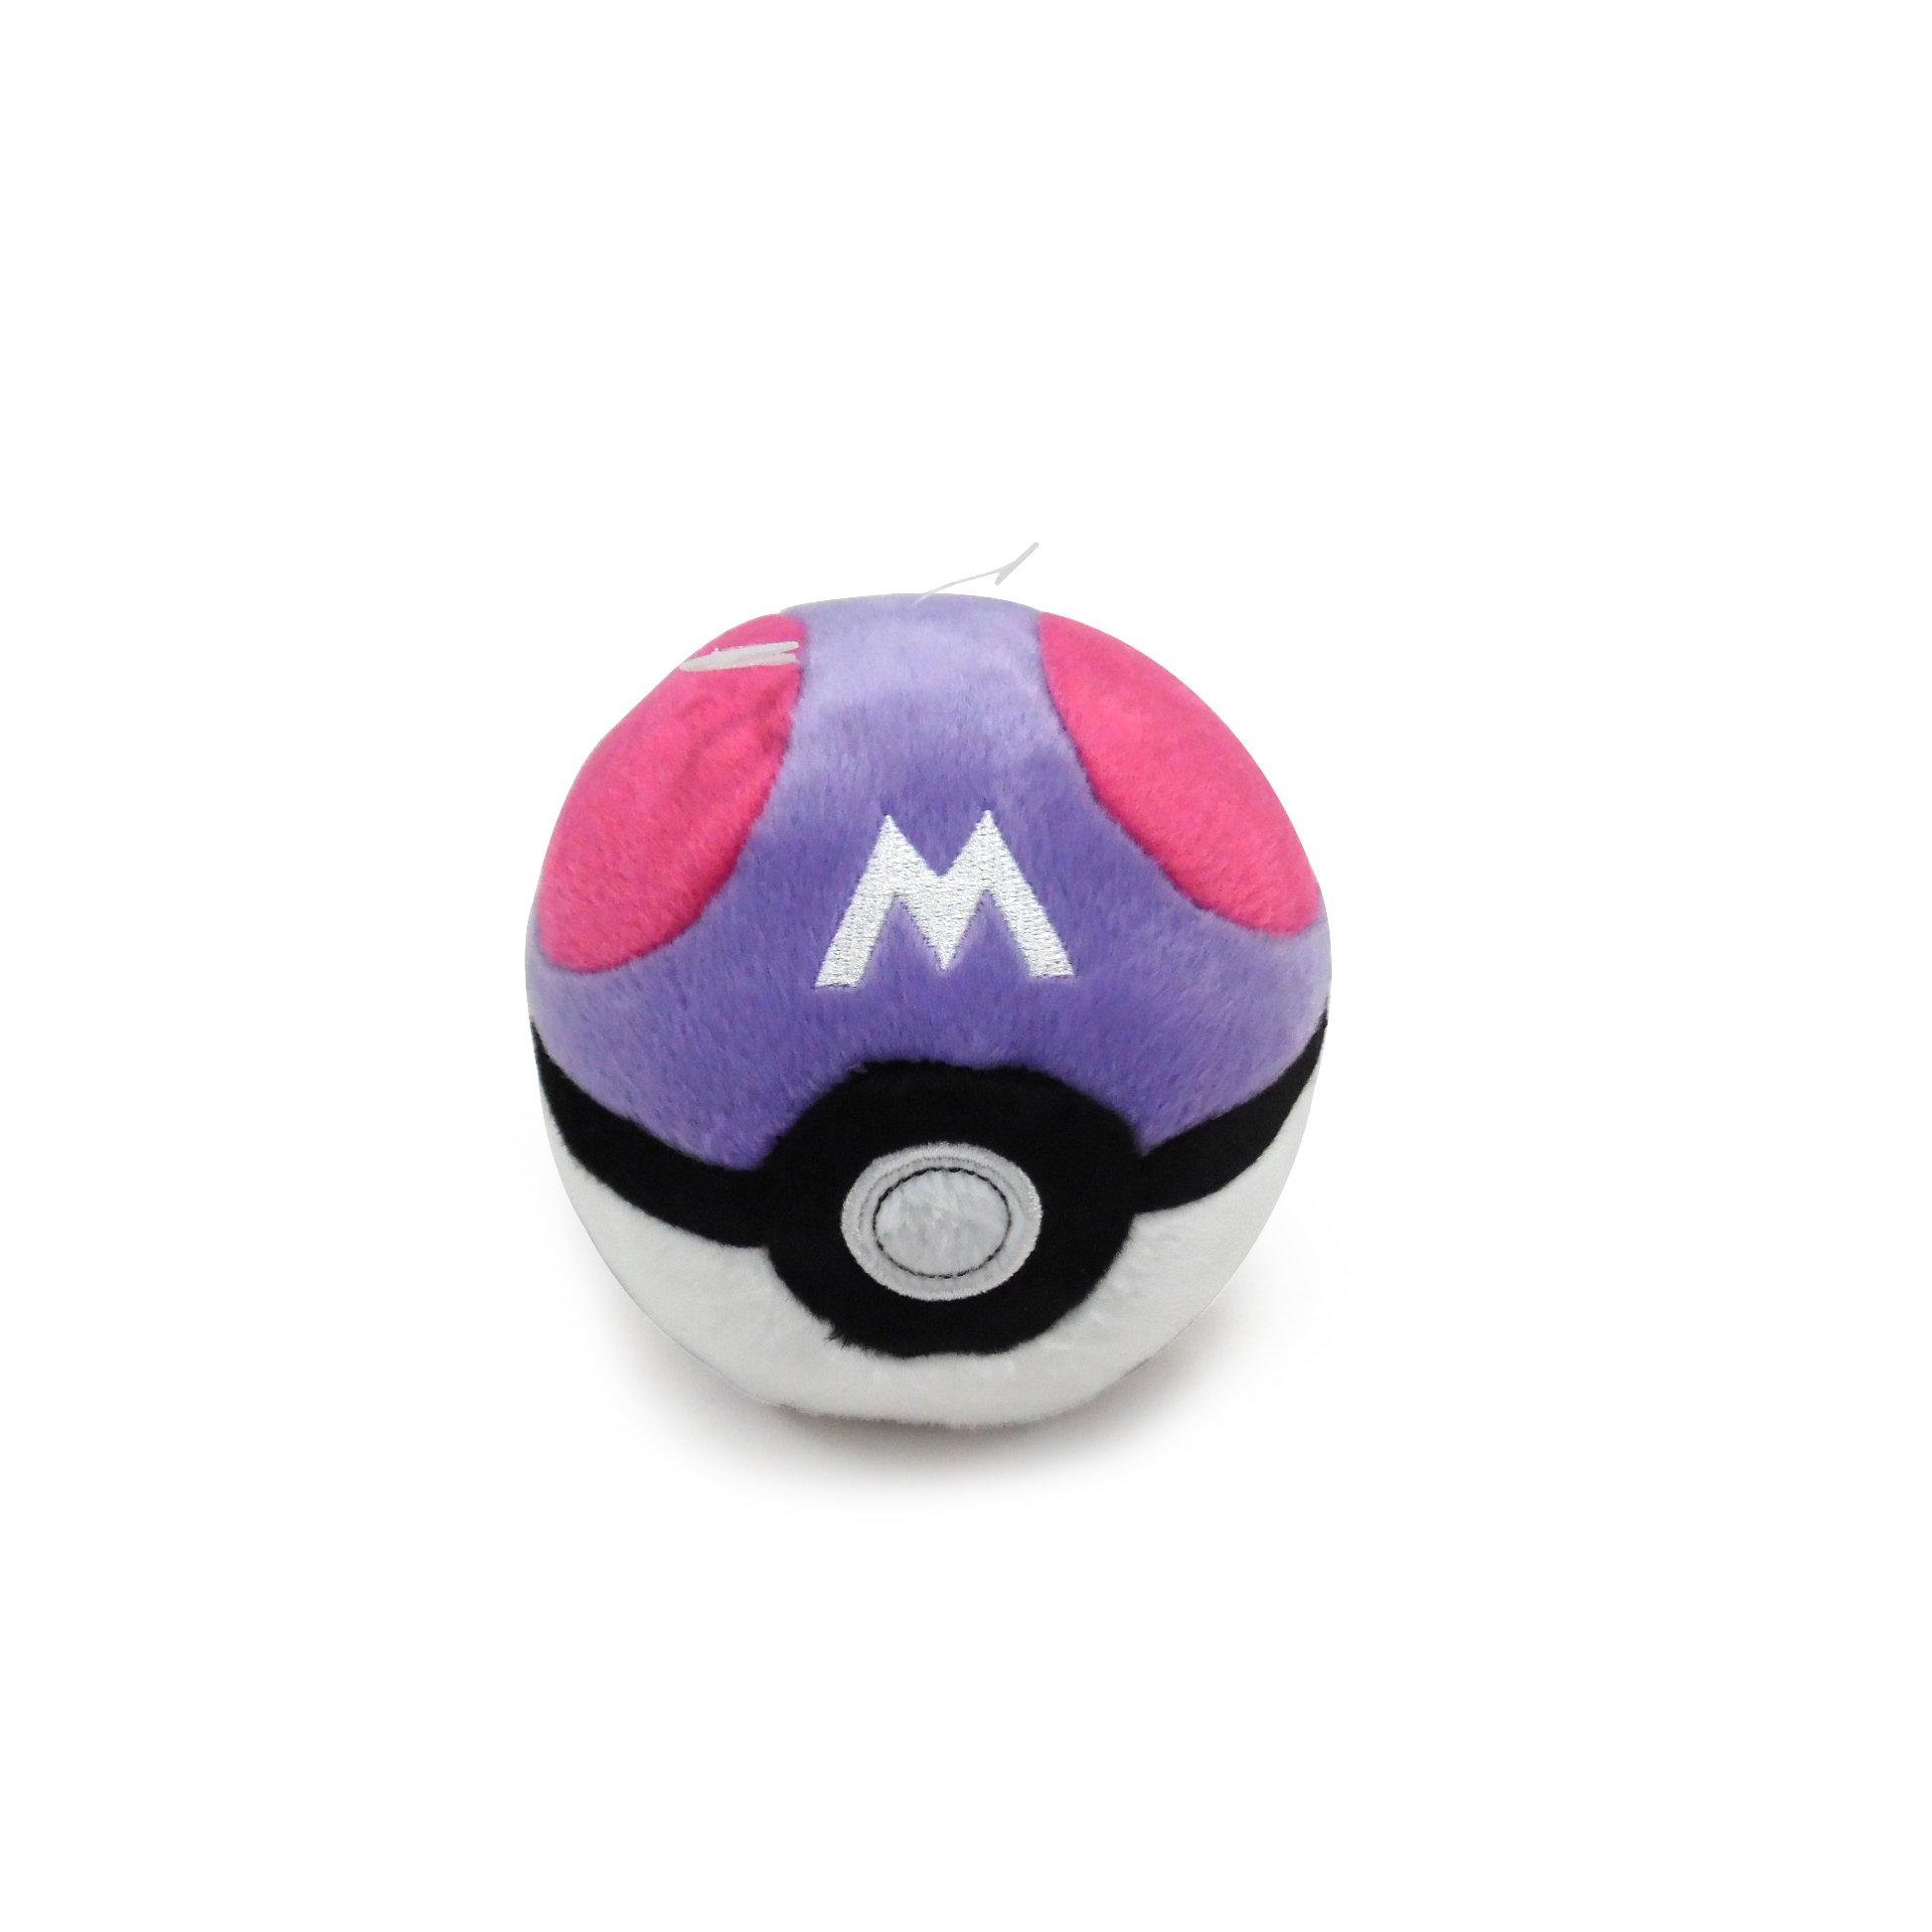 Poke Ball Pokemon Plush